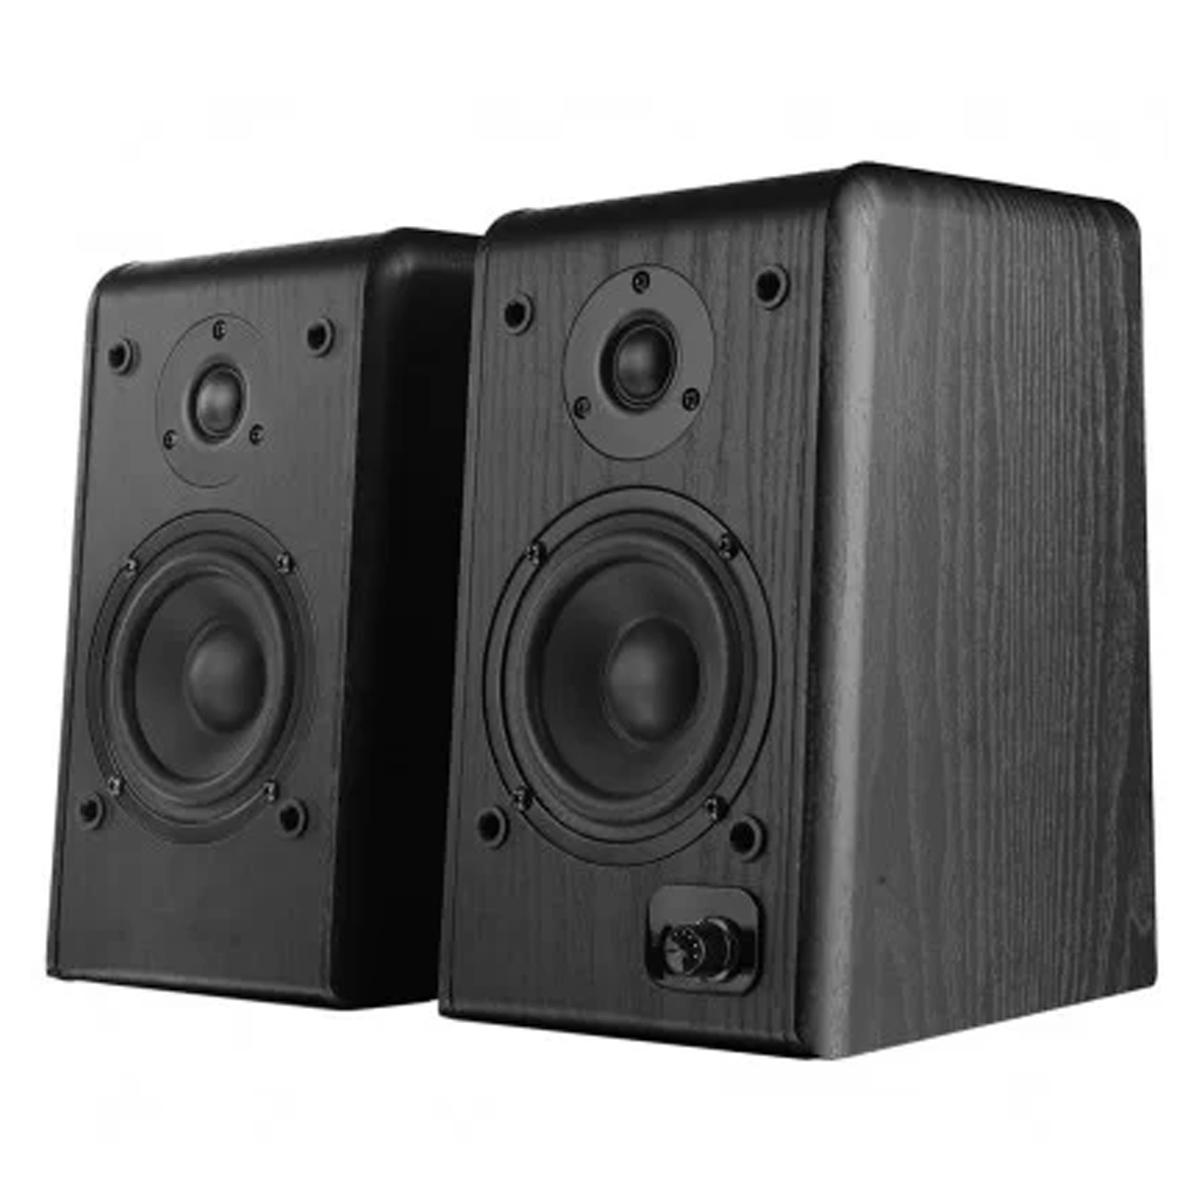 Monitores de Áudio com Bluetooth MICROLAB B77 BT 64W